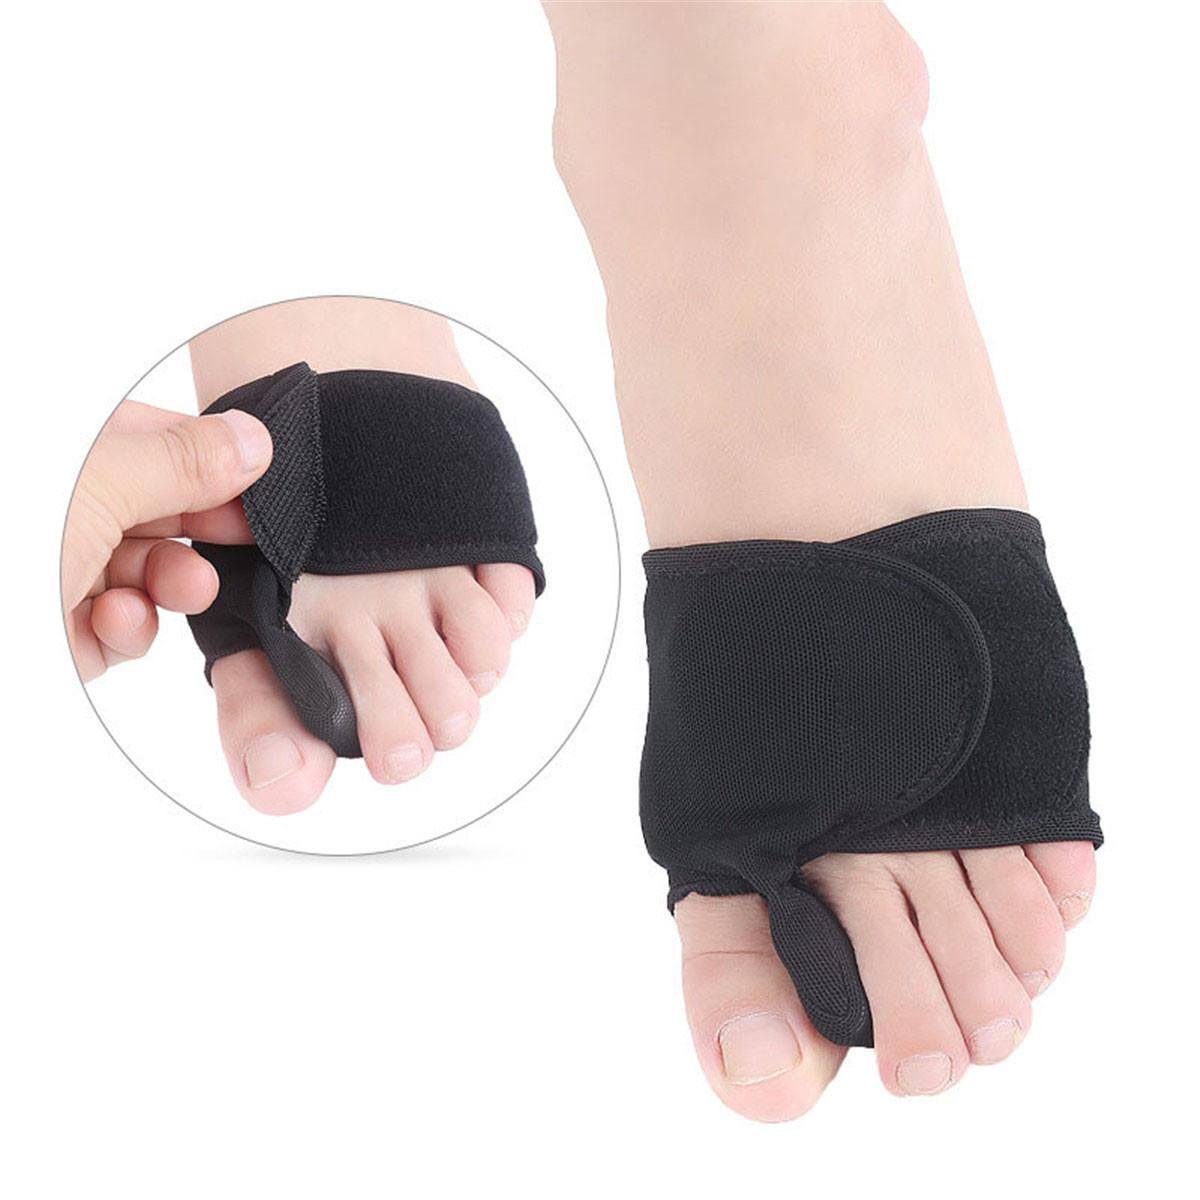 1PairStraightenerКорректорToeProtector Ножные носовые разделители Поддержка облегчения боли Orthopedic Набор - 1TopShop